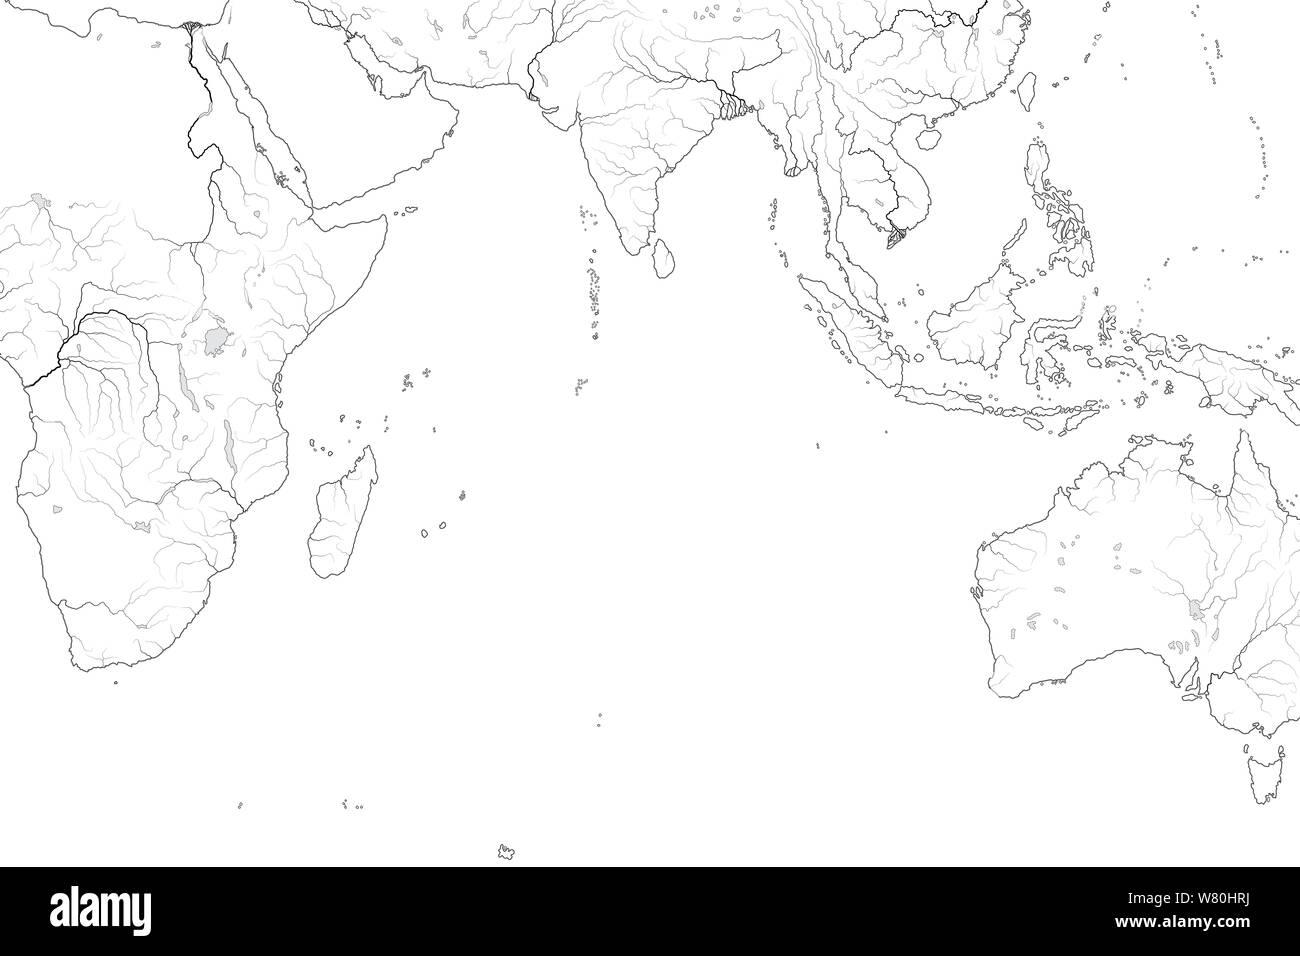 World Map Of Indian Ocean Arabian Sea Bengal Bay Sri